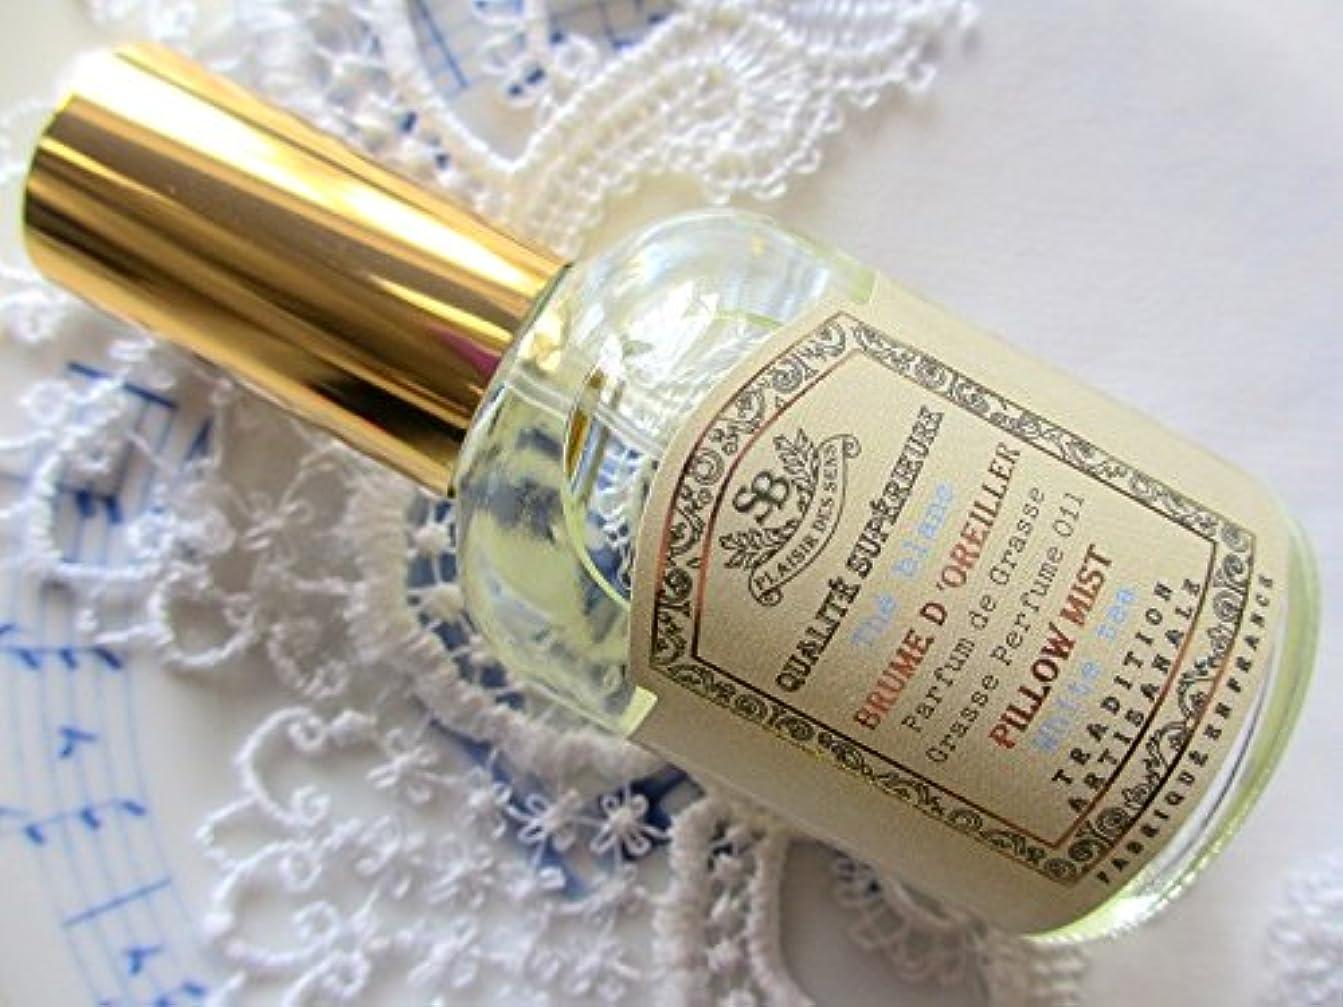 ライバル広々としたレモンSenteur et Beaute(サンタールエボーテ) French classic(フレンチクラシックシリーズ) ピローミスト 50ml 「ホワイトティー」 4994228024350